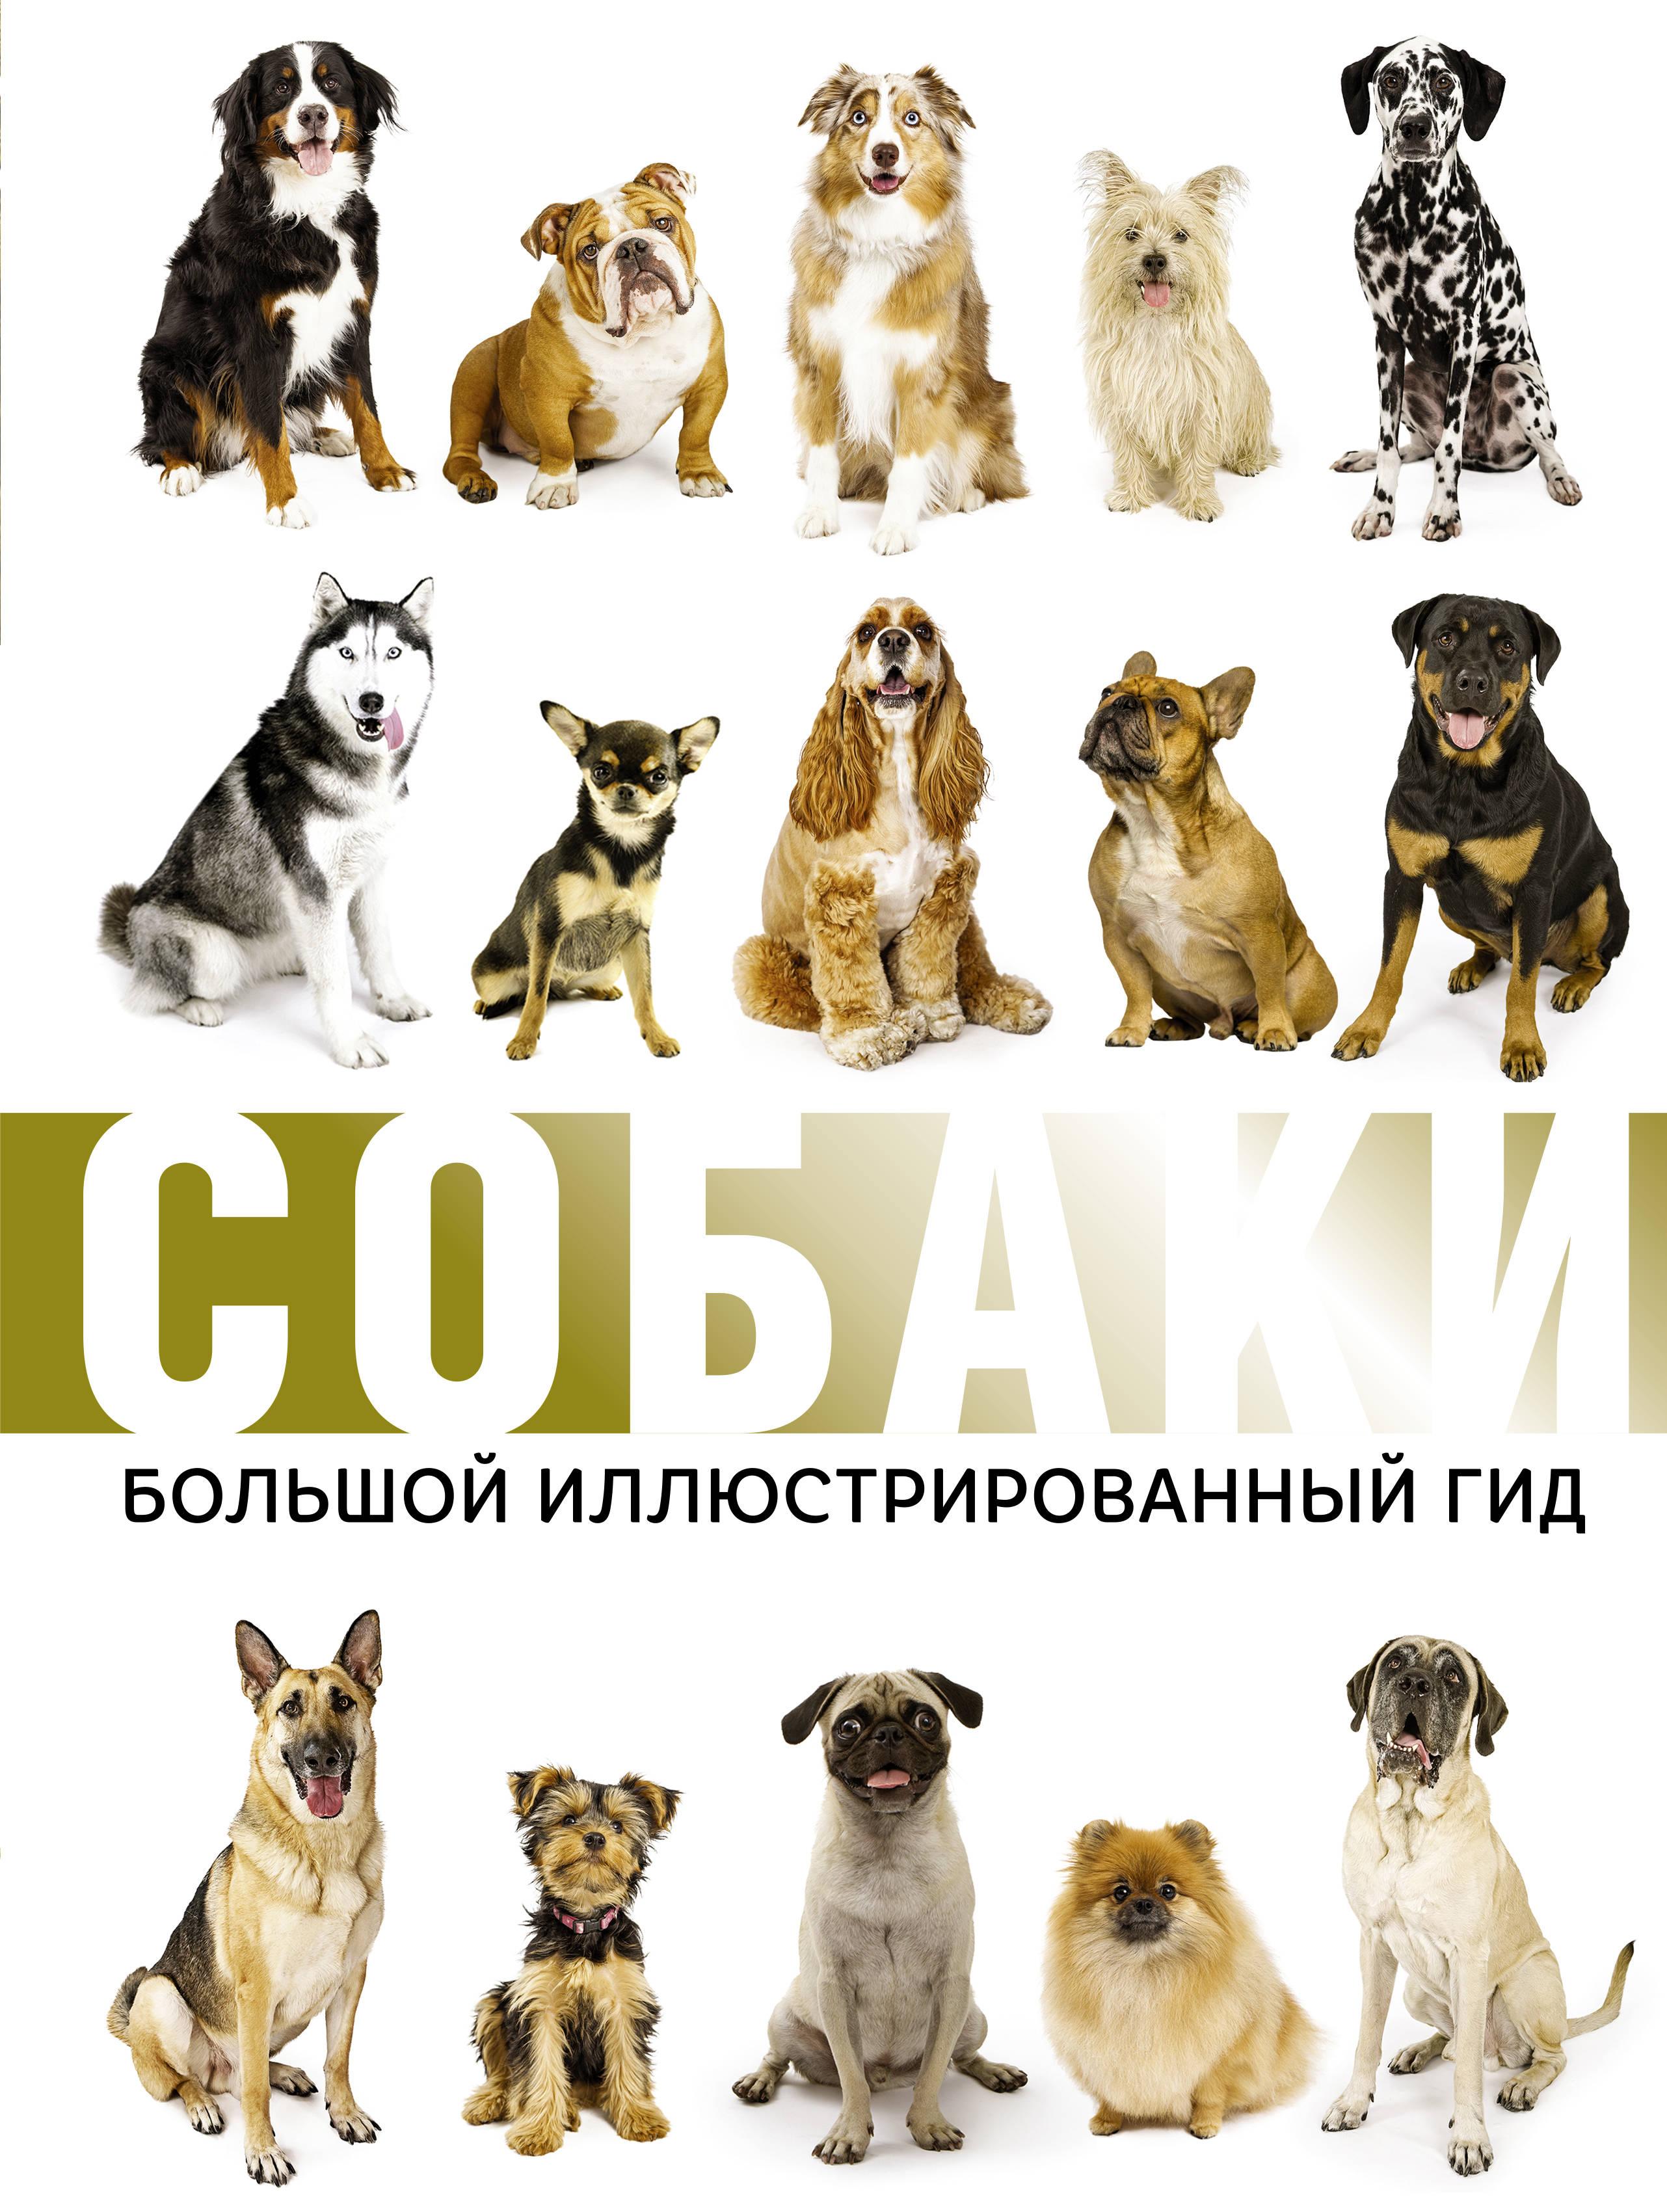 Л. Д. Вайткене, М. Д. Филиппова, И. Г. Барановская Собаки. Большой иллюстрированный гид